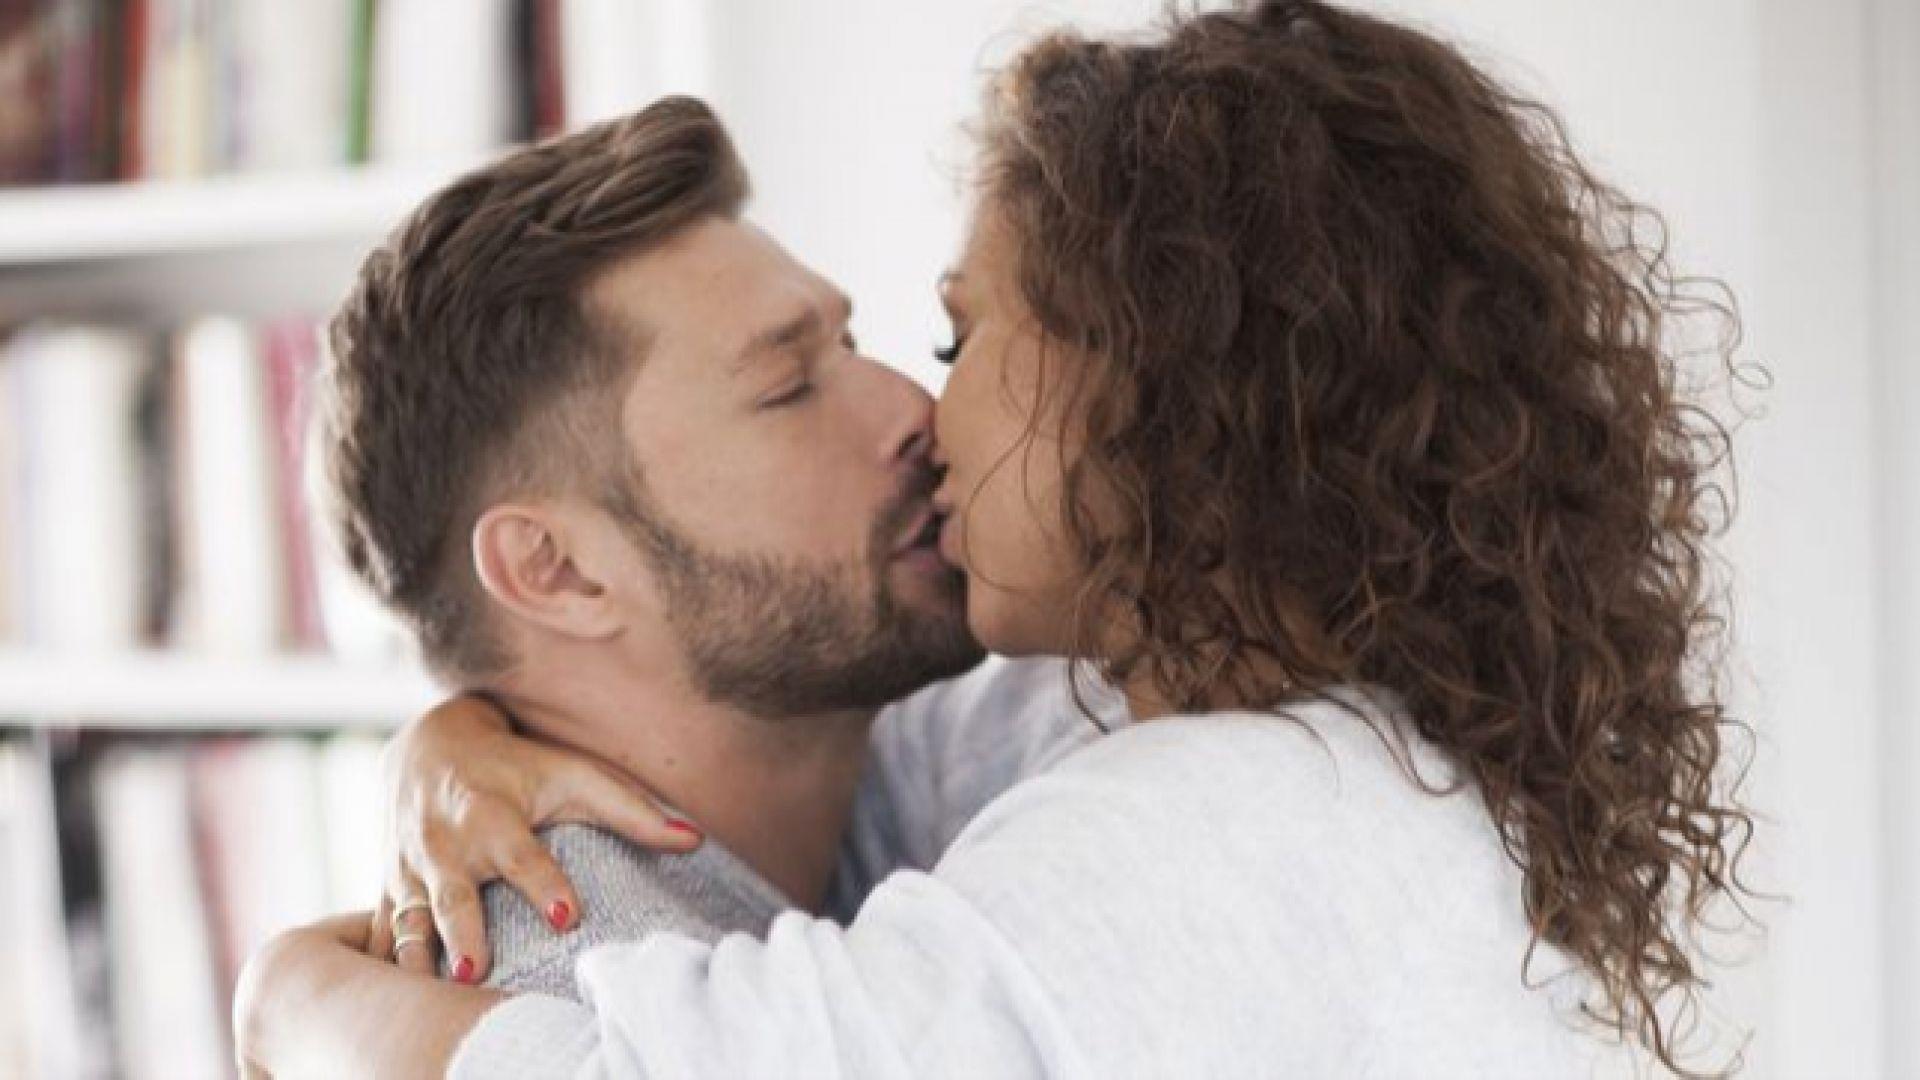 Започнаха изпитания на противозачатъчни гелове за мъже